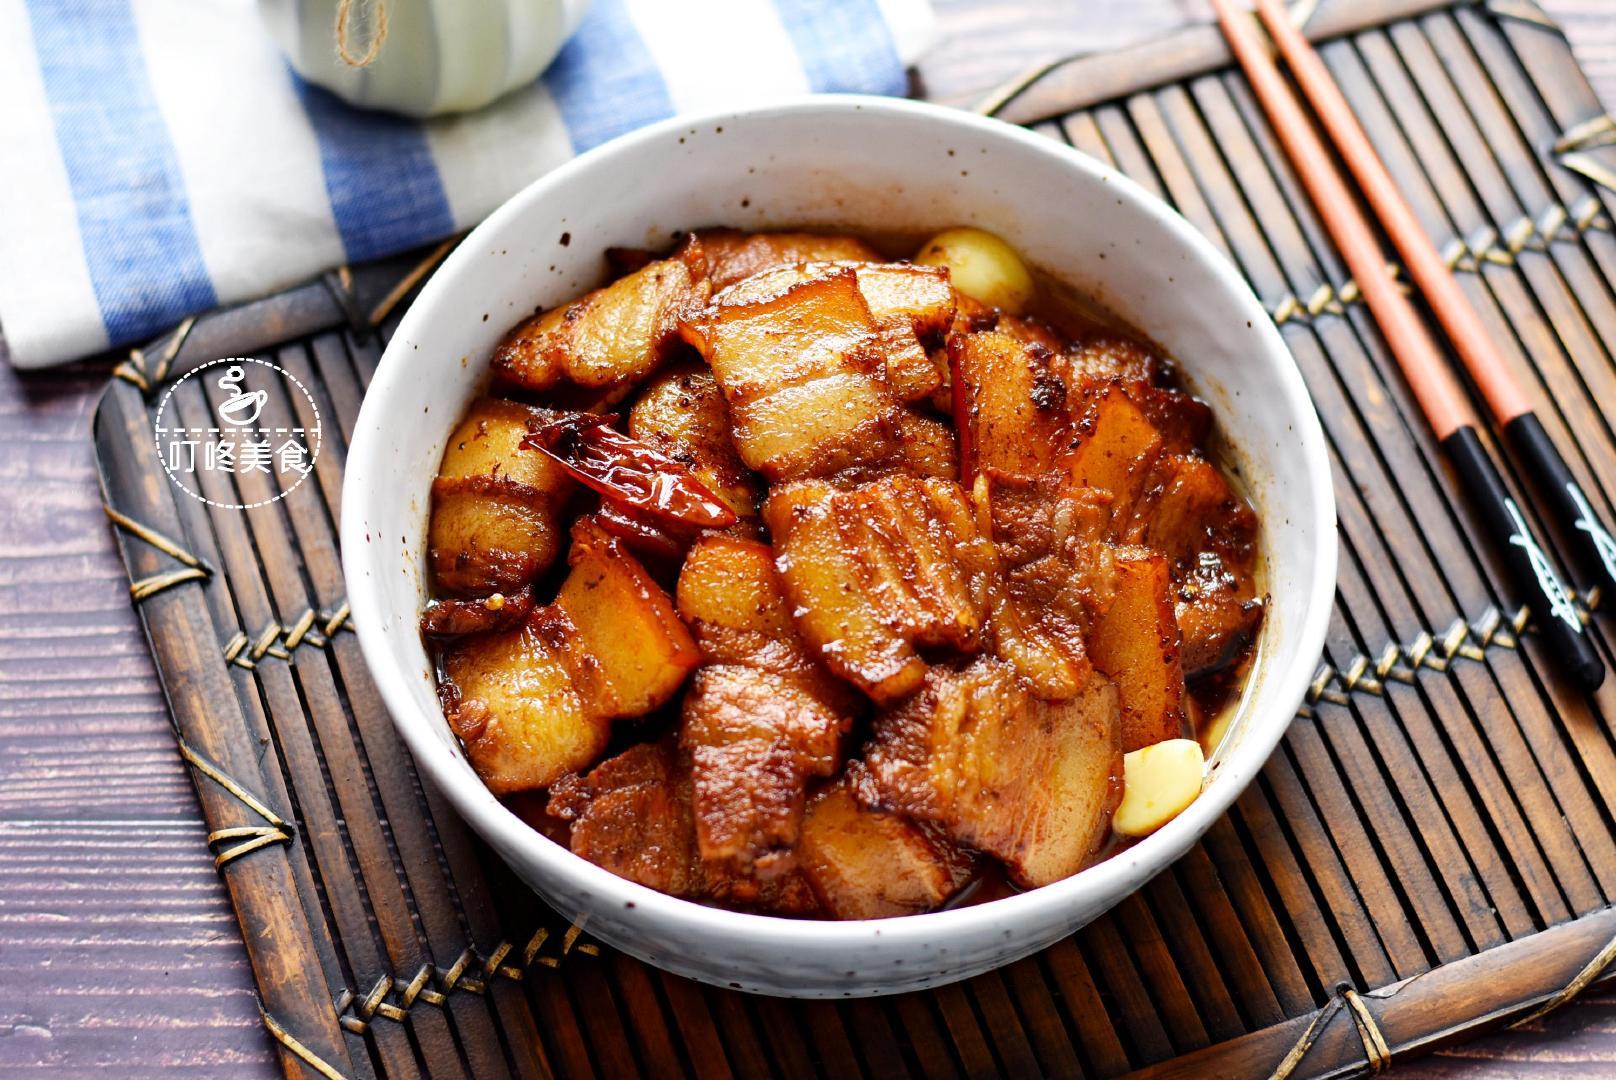 五花肉这样做才好吃,比红烧肉简单,香而不腻,上桌几下就光盘